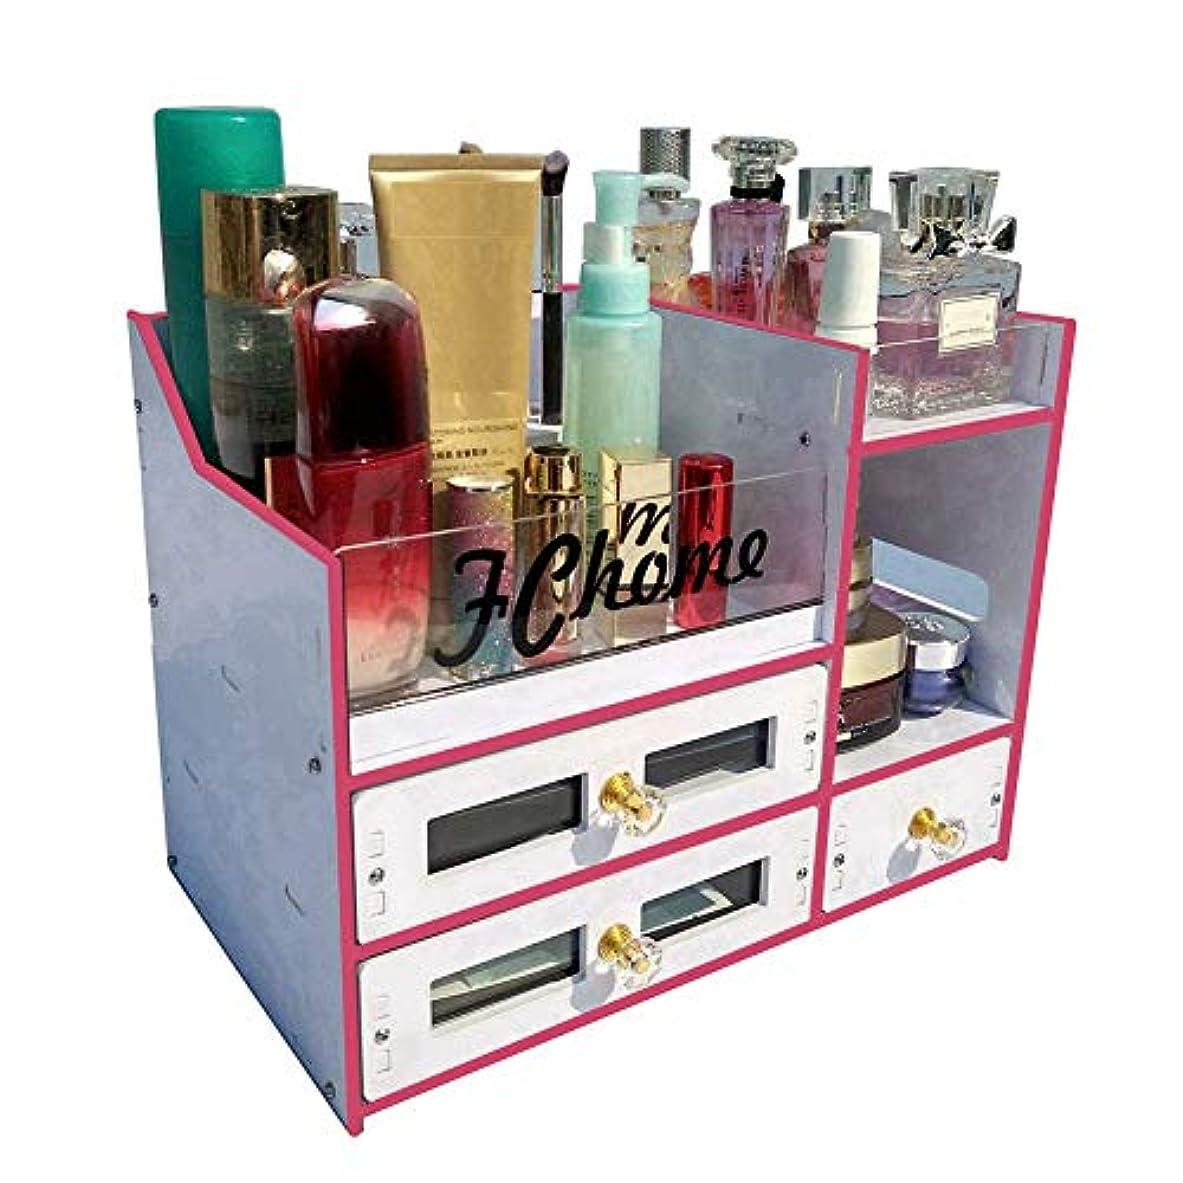 観点勝利したFChome化粧品収納ボックス引き出しアクリルPVCジュエリー化粧品収納ラック大容量化粧収納ボックスセット、ピンク